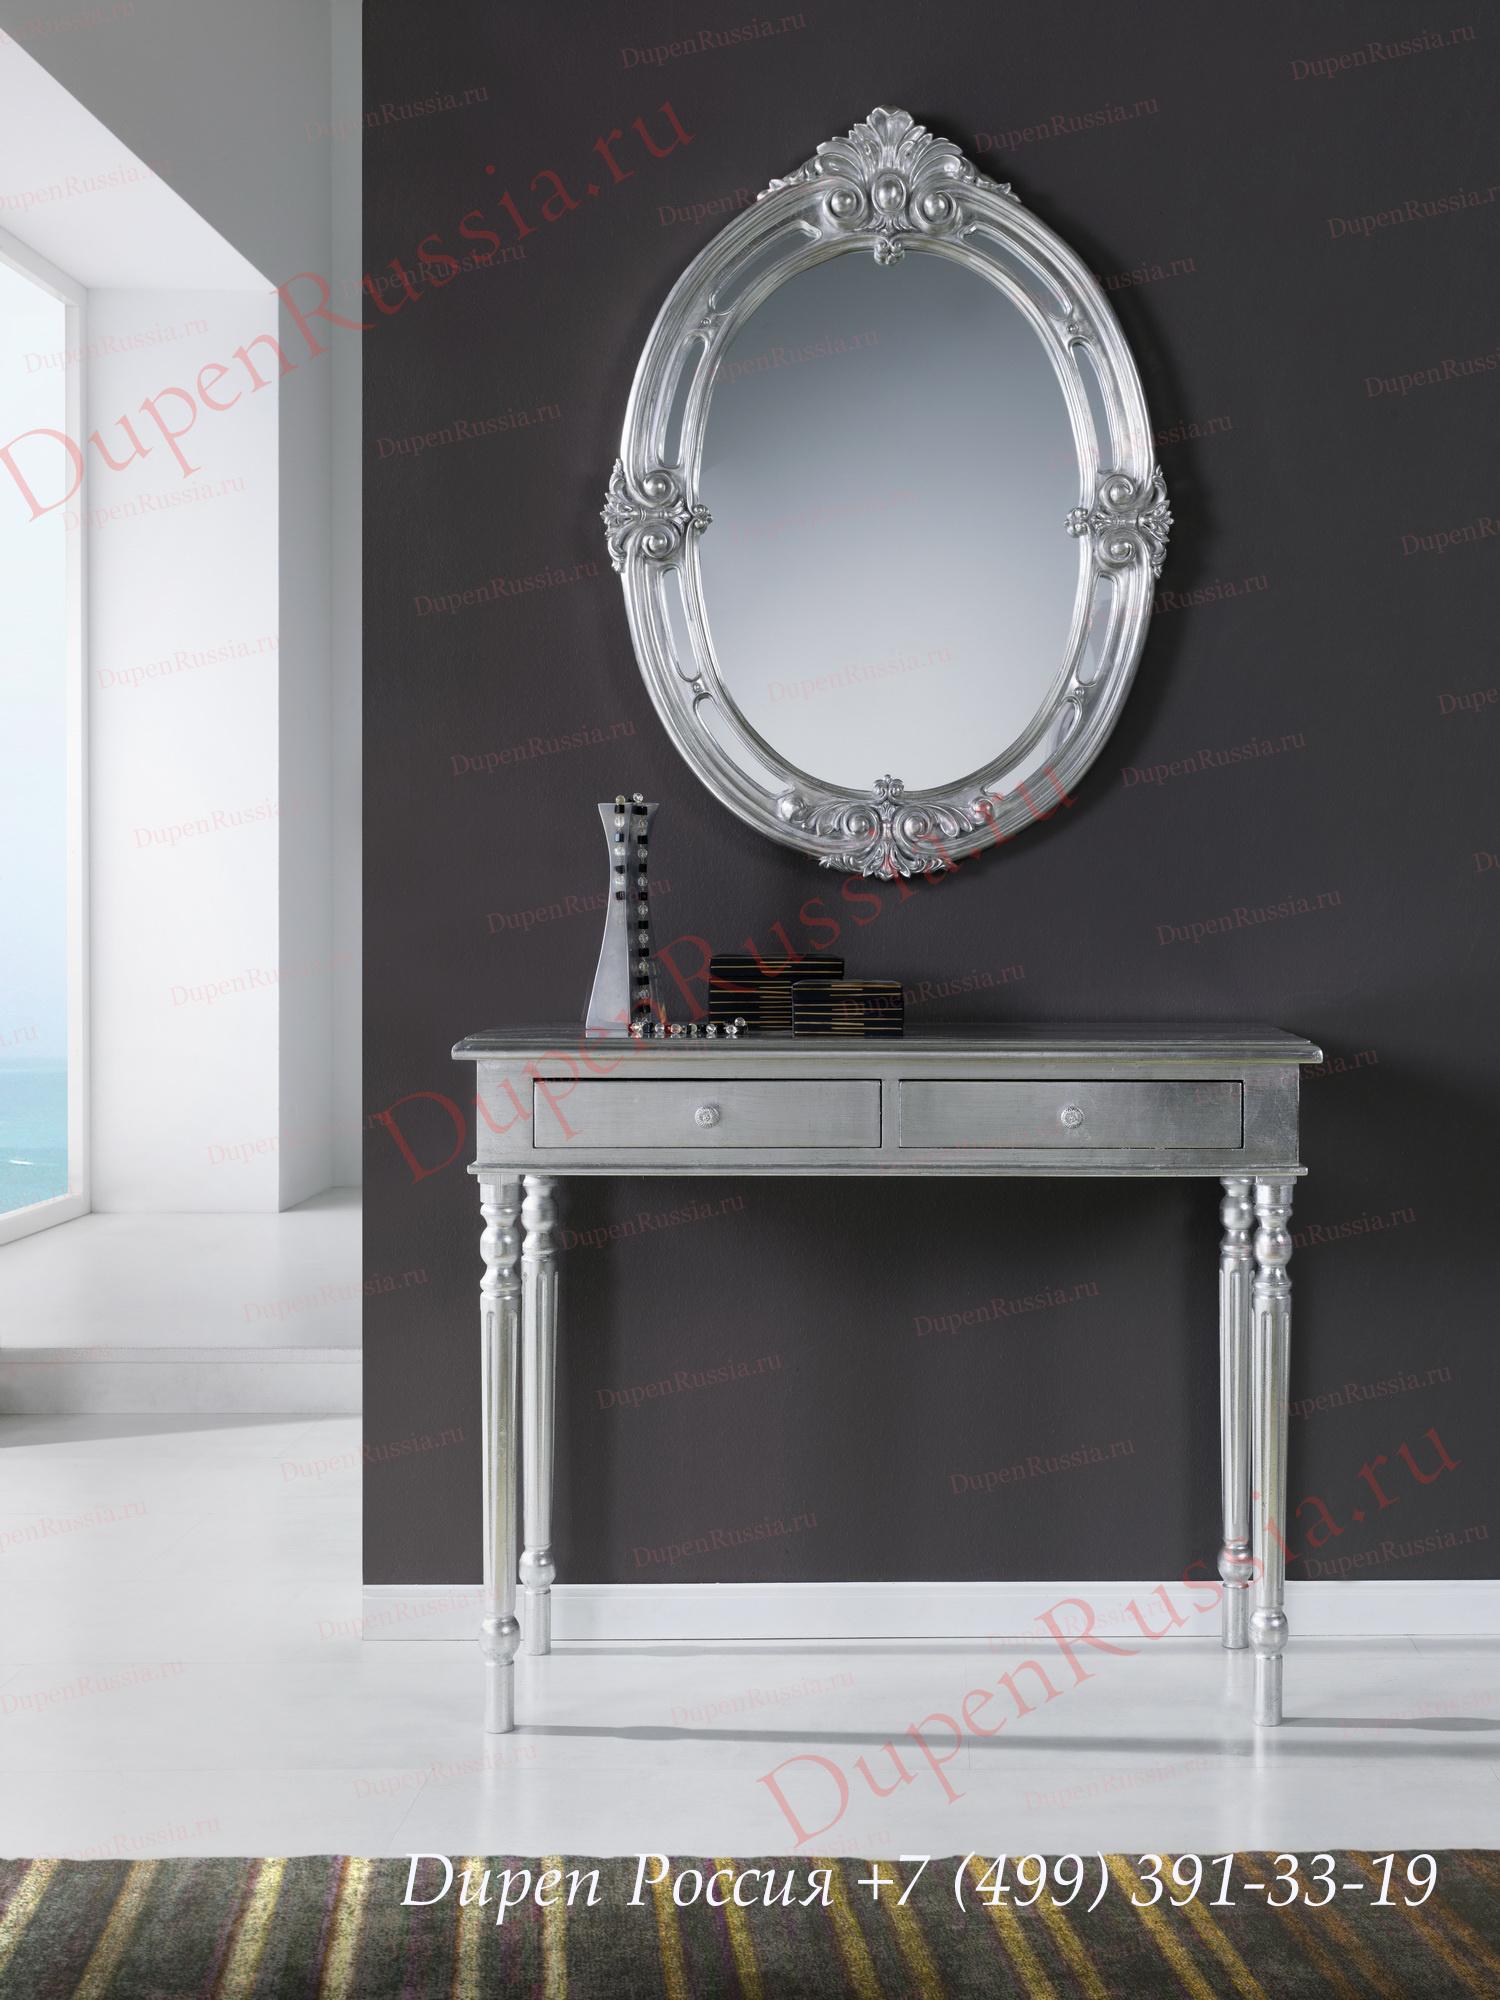 Зеркало DUPEN (Дюпен) PU046 серебро, консоль DUPEN K61